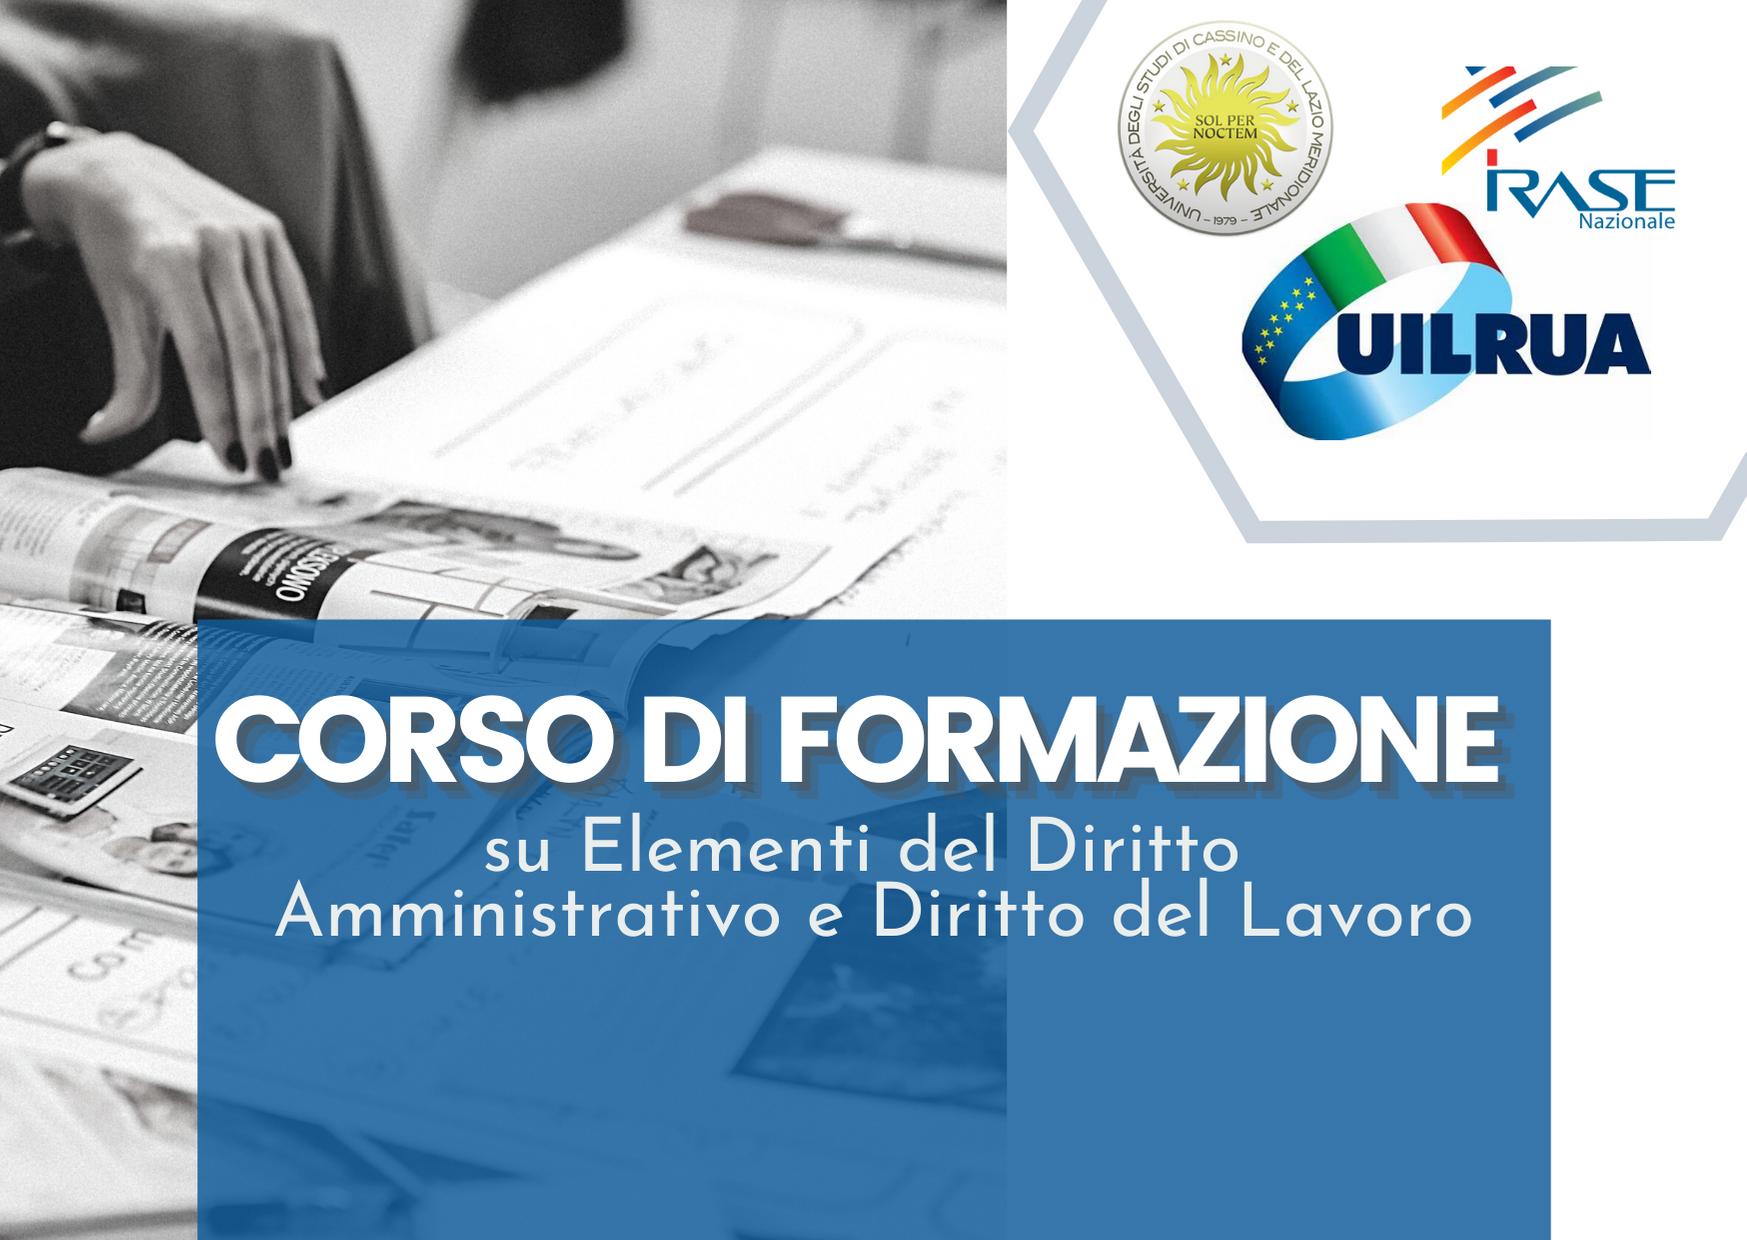 Corso di Formazione su Elementi del Diritto Amministrativo e Diritto del Lavoro